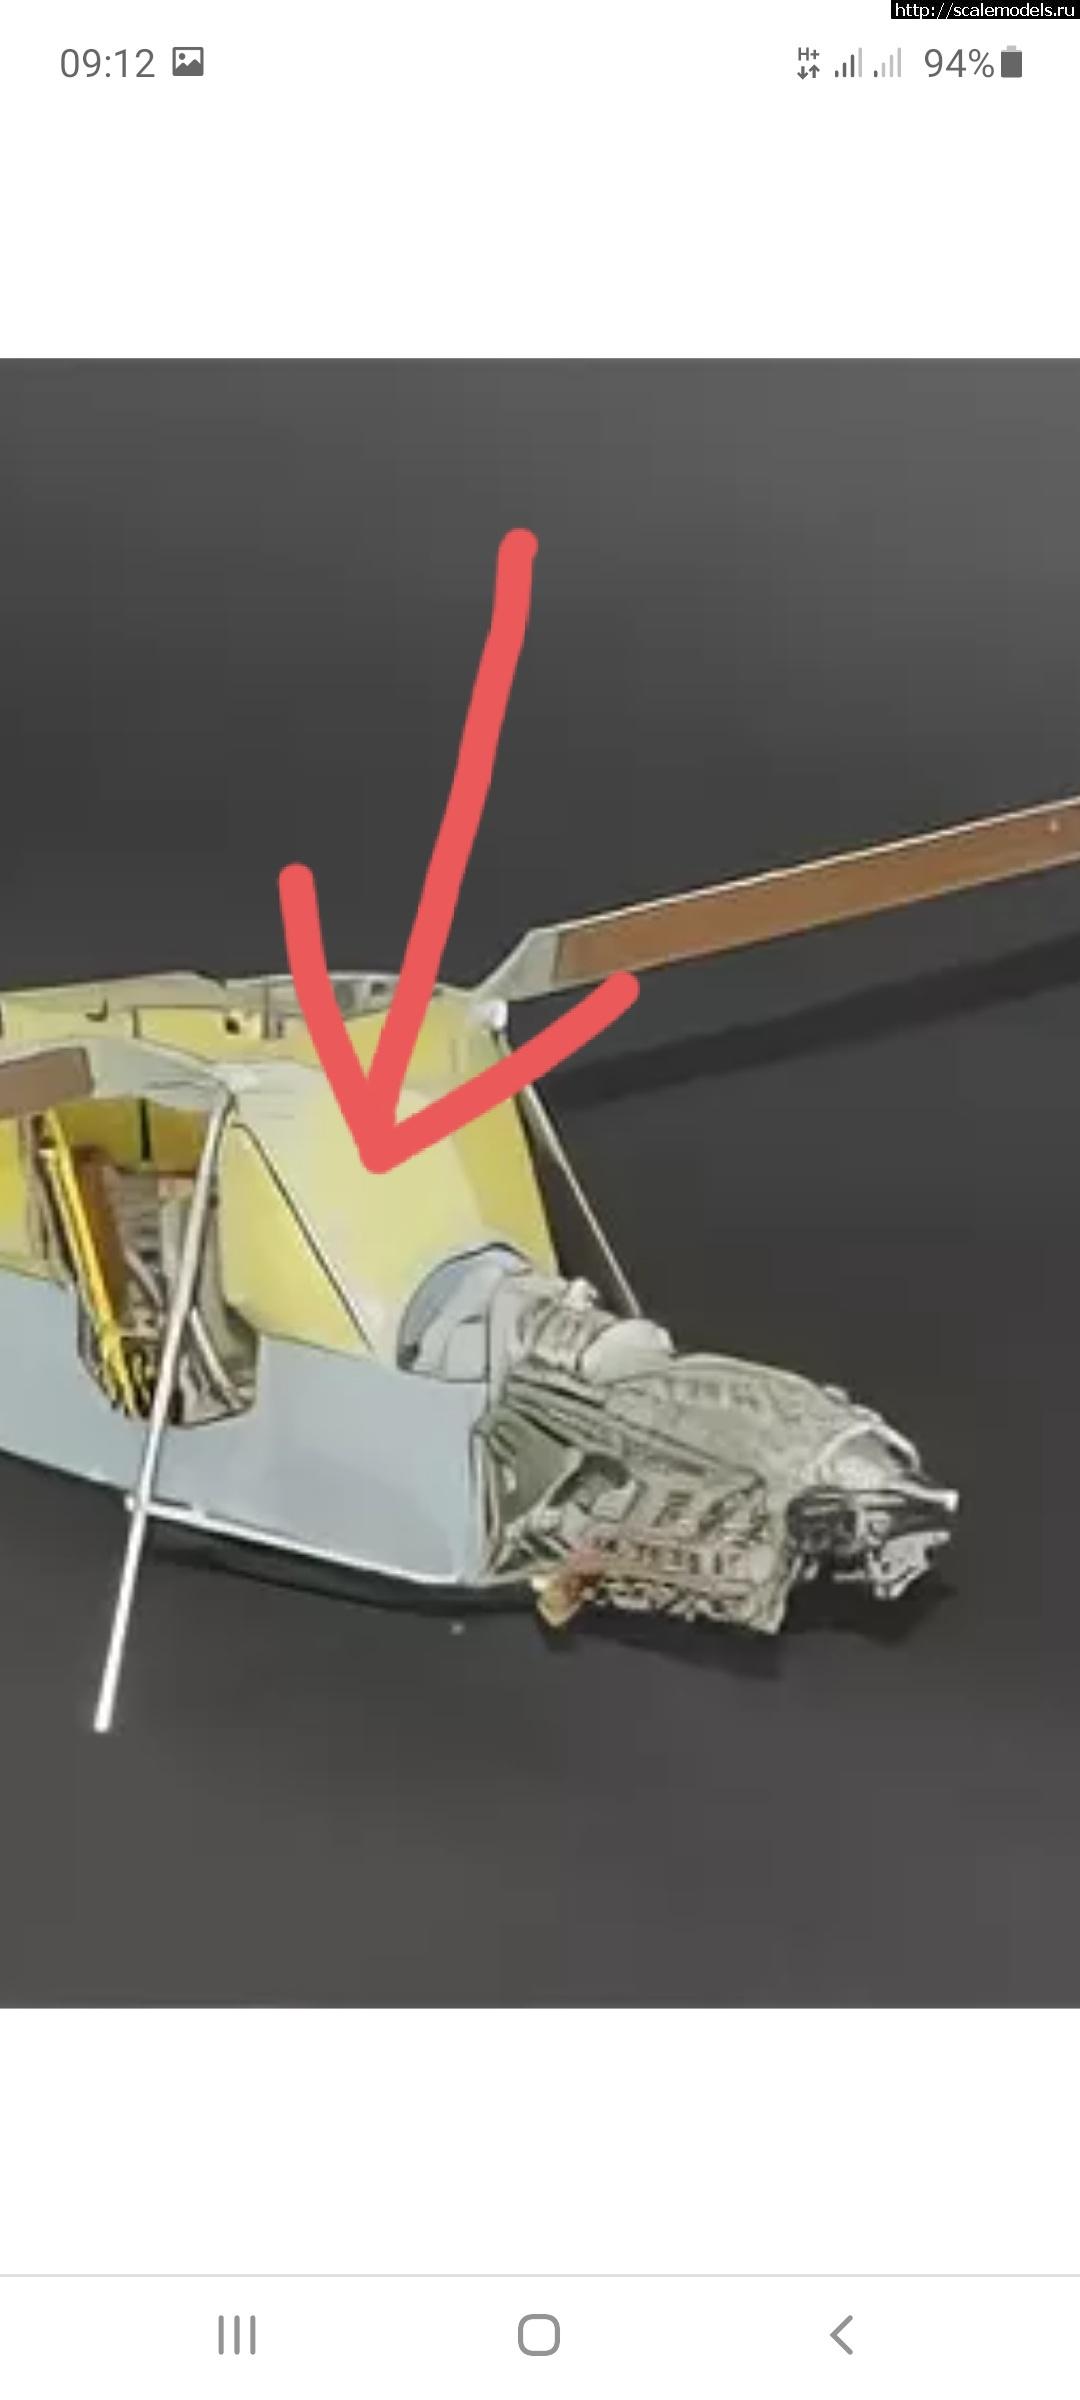 лобовое остекление фонаря Storch FI 156 C-3 Tamiya 1/48 Закрыть окно